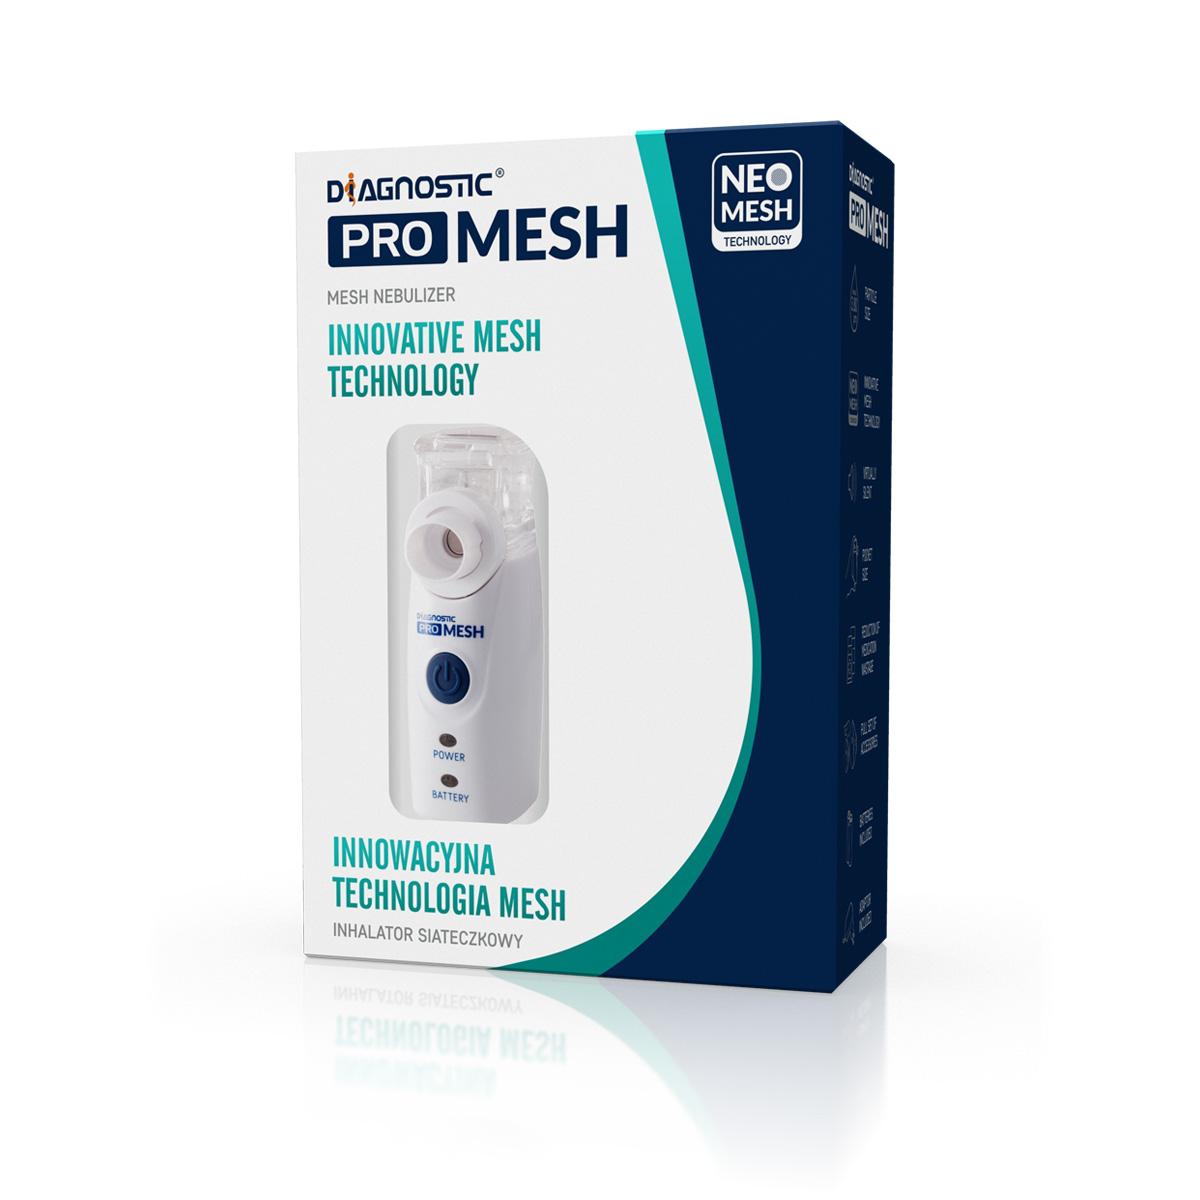 Diagnostic ProMesh Ultrazvukový inhalátor s příslušenstvím - 1 sada